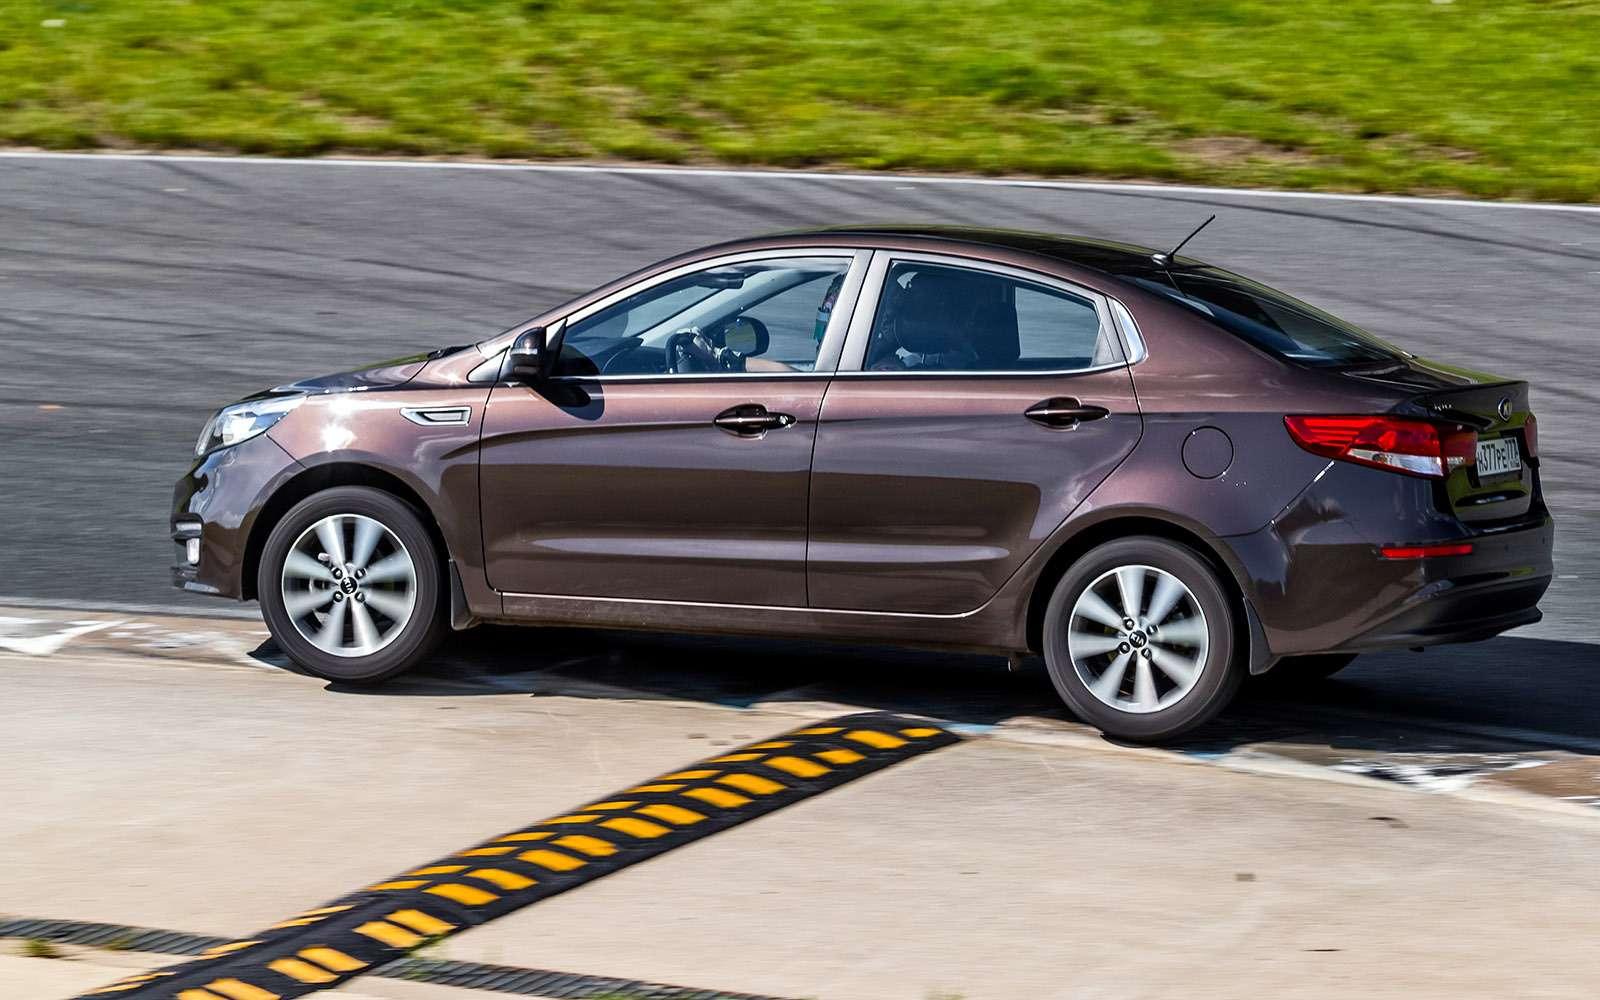 VWPolo GTпротив конкурентов: тест на«Смоленском кольце»— фото 644221